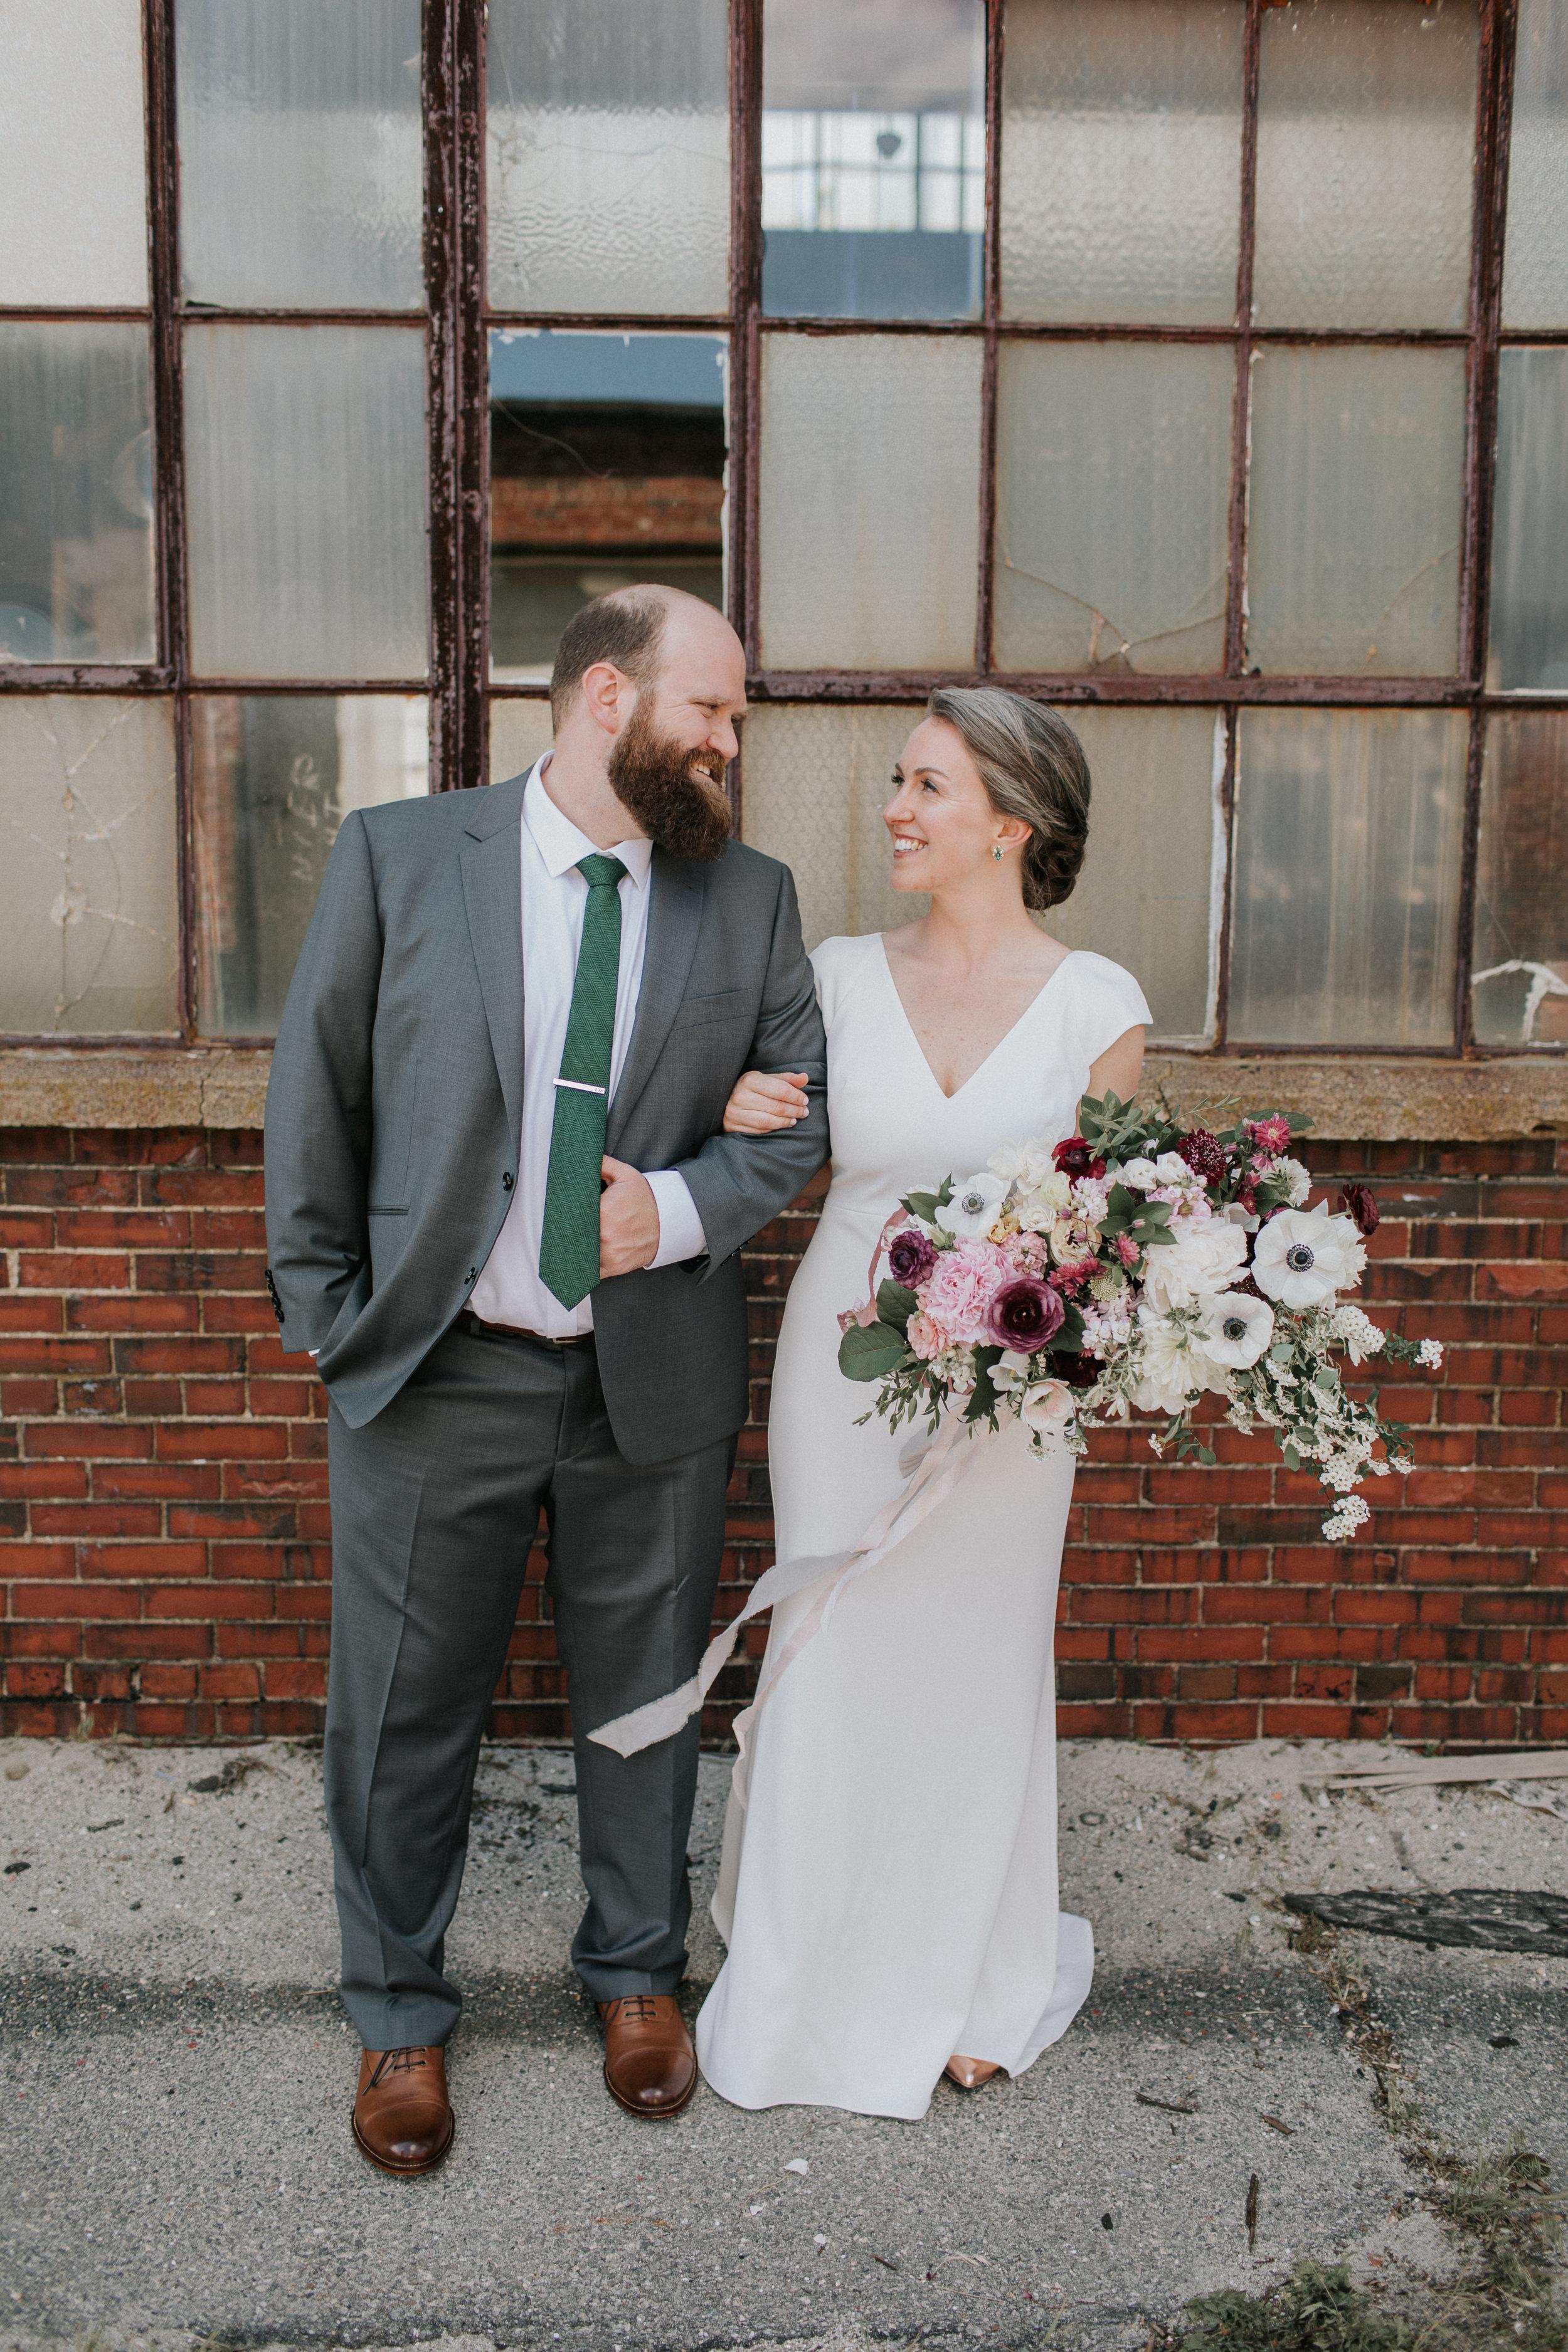 Watershed_Floral_Maine_Wedding_Florist_138.jpg